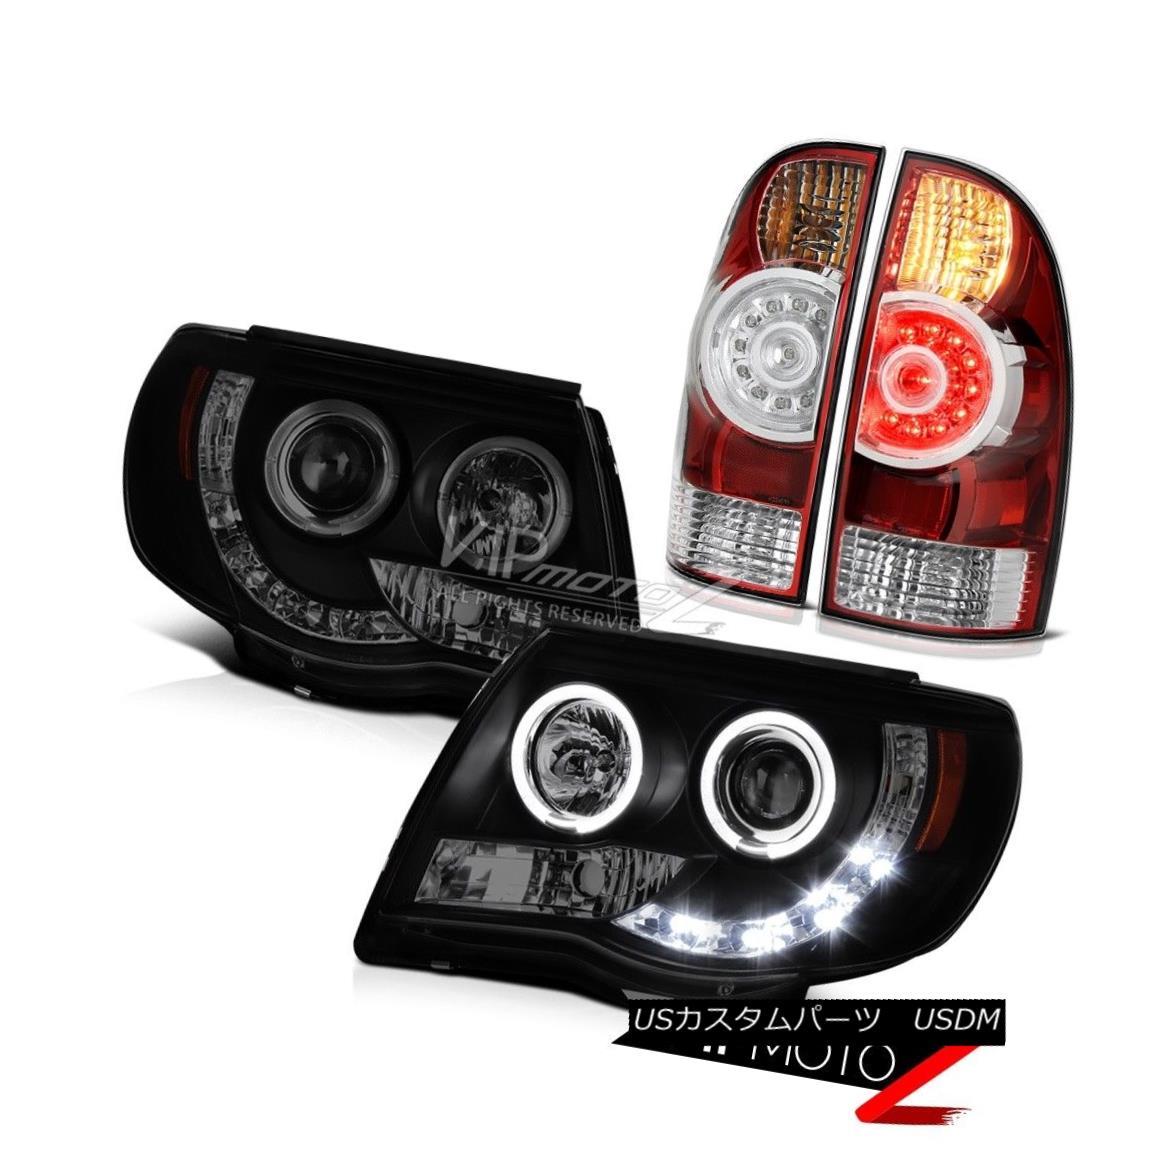 ヘッドライト 05-11 Tacoma TRD Sport Smoke tinted headlamps tail brake lights LED Dual Halo 05-11タコマTRDスポーツ煙がかかったヘッドライトテールブレーキライトLEDデュアルヘイロー